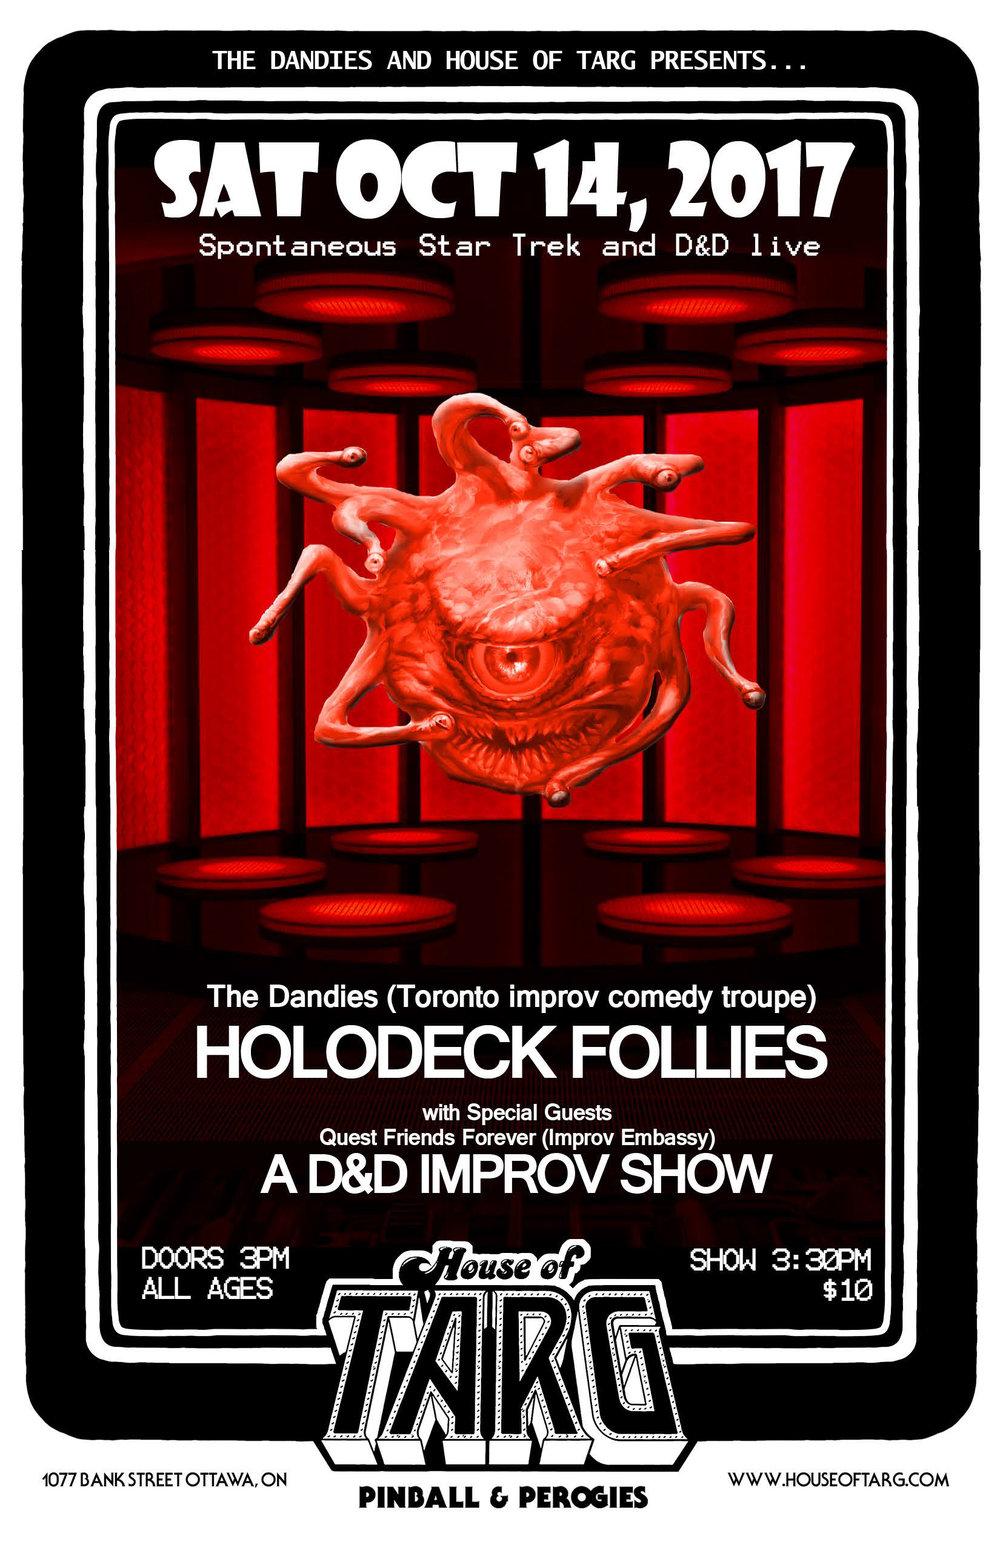 holodeck-follies-house-of-targ-914 (2).jpg